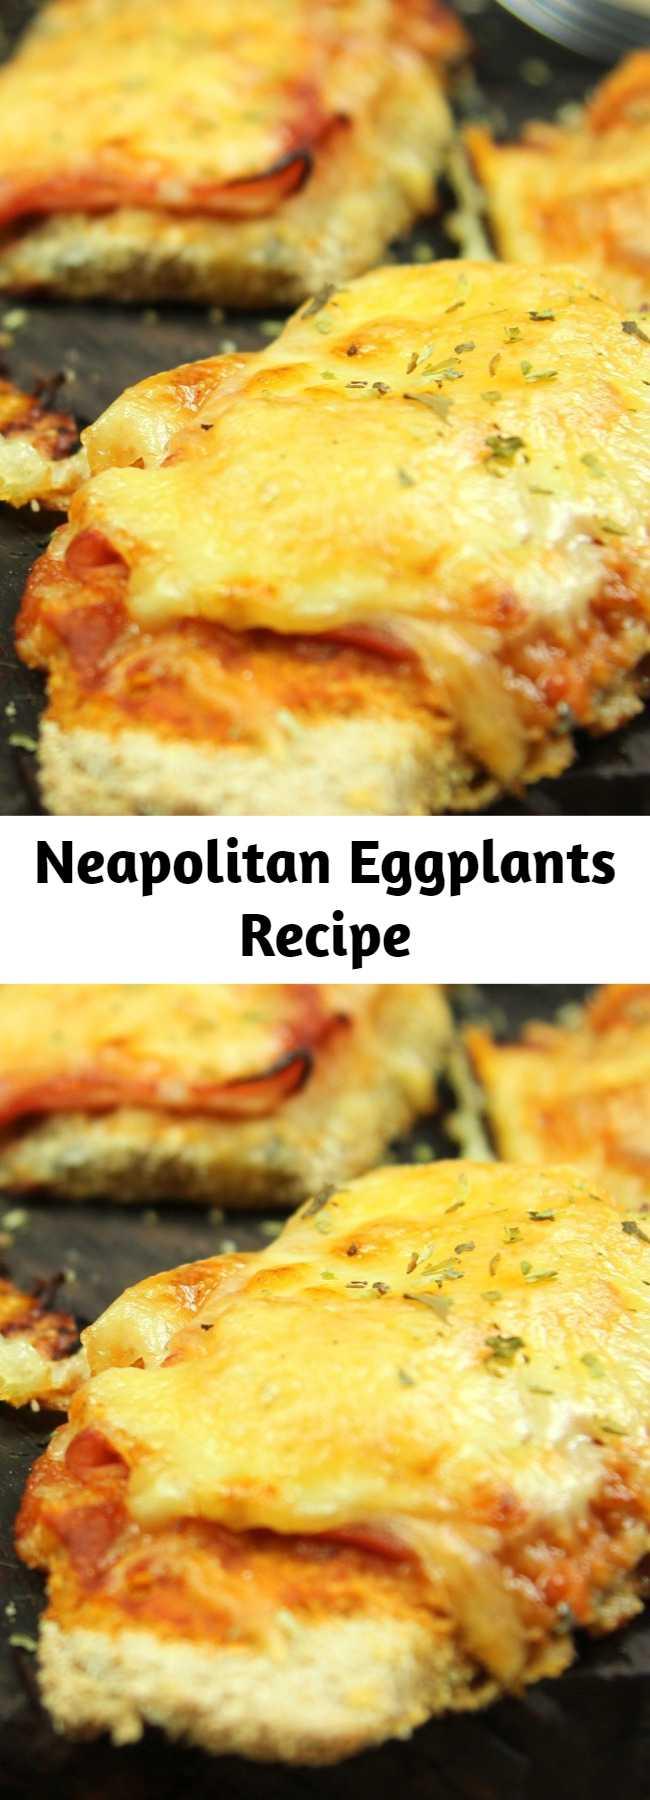 Neapolitan Eggplants Recipe